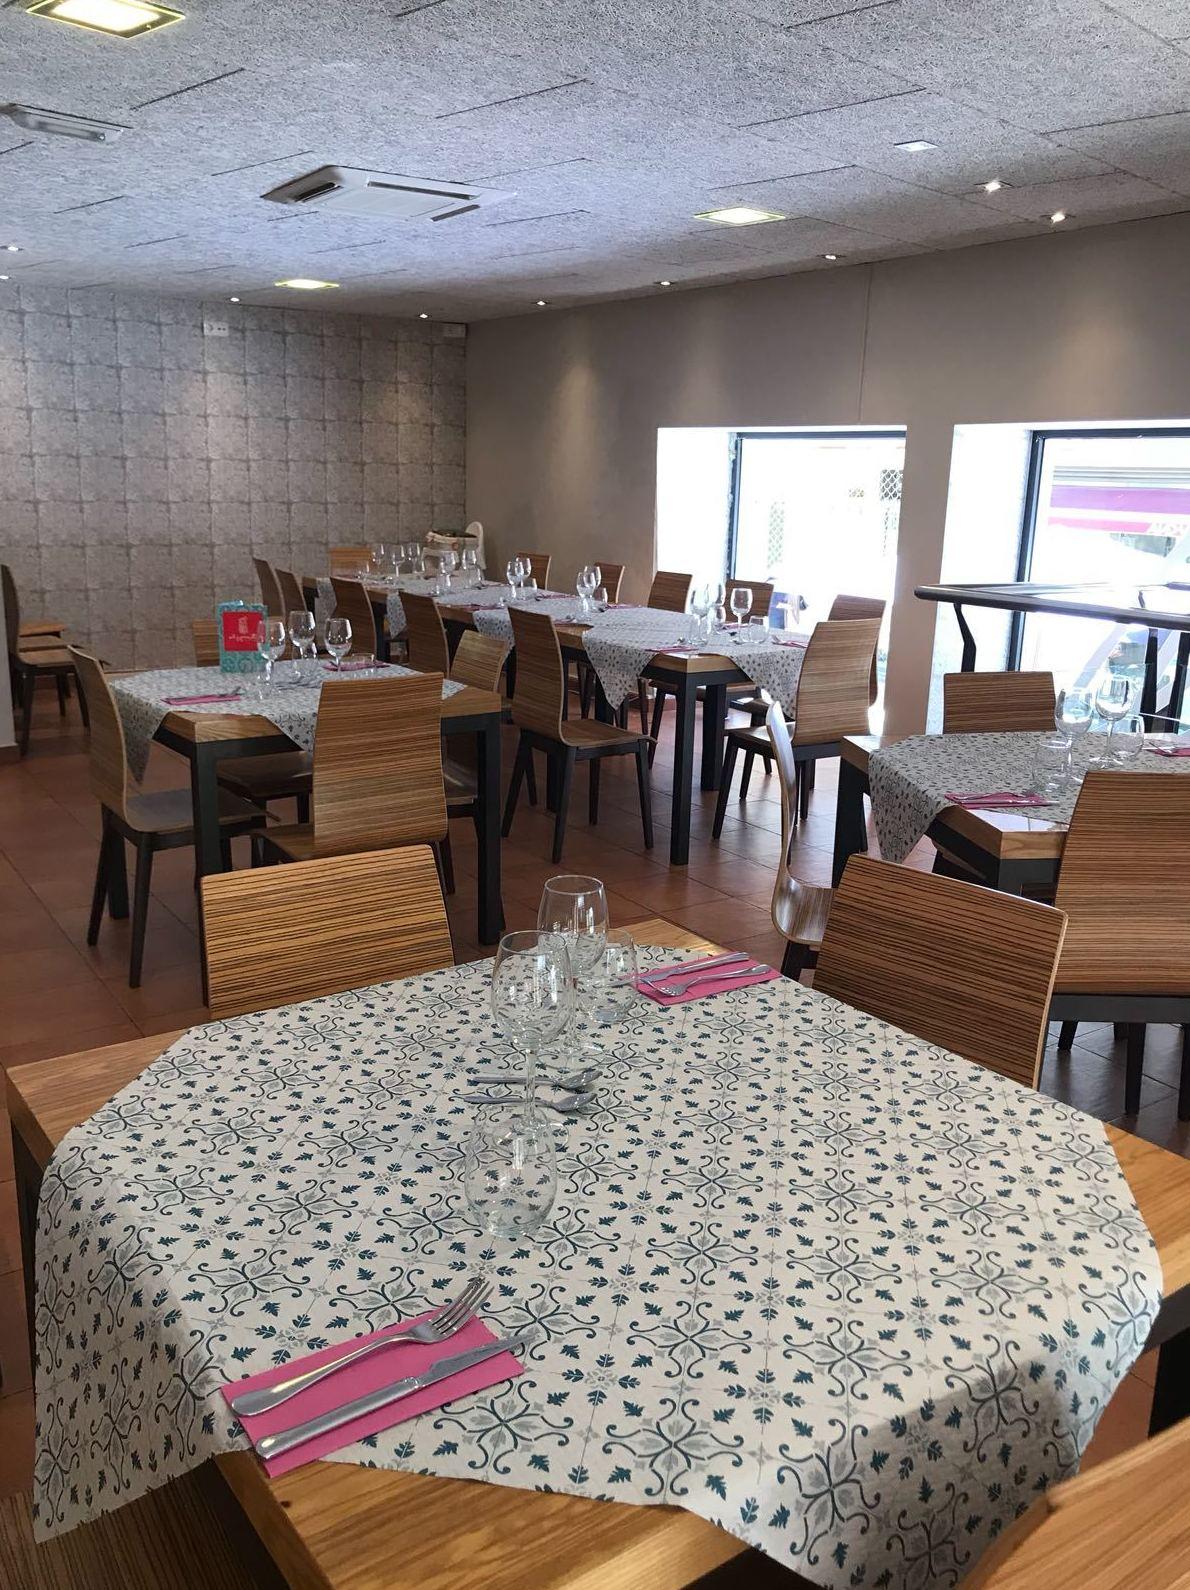 Foto 2 de Cocina aragonesa en Huesca | Restaurante Sal y Pimienta